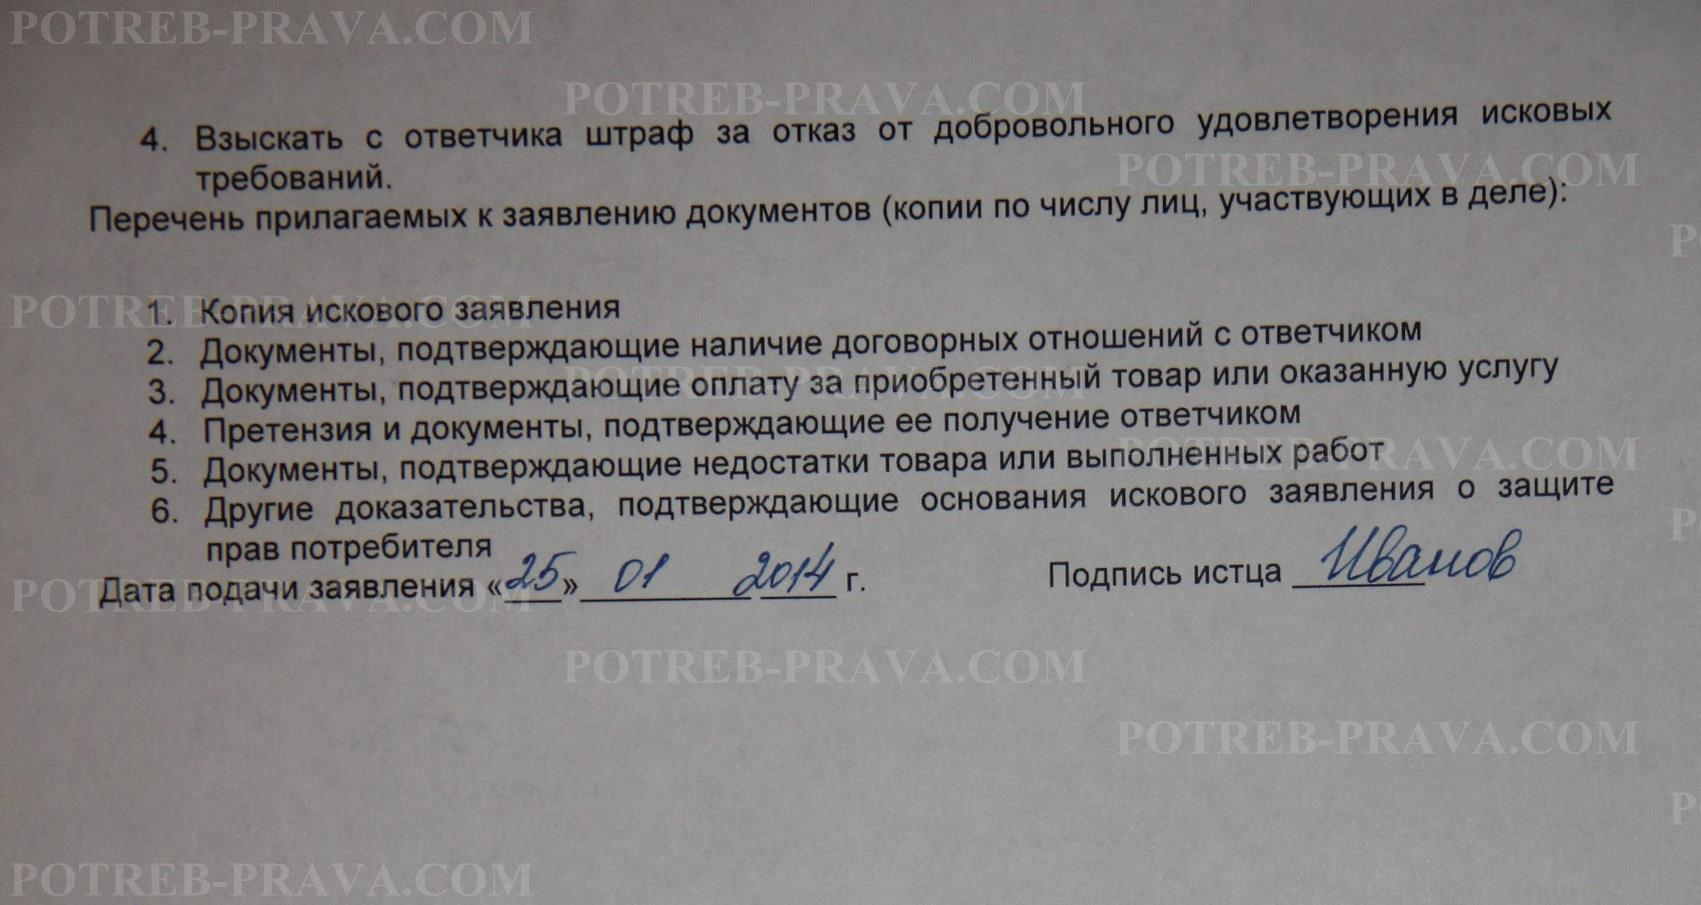 Пример заполнения искового заявления о защите прав потребителей